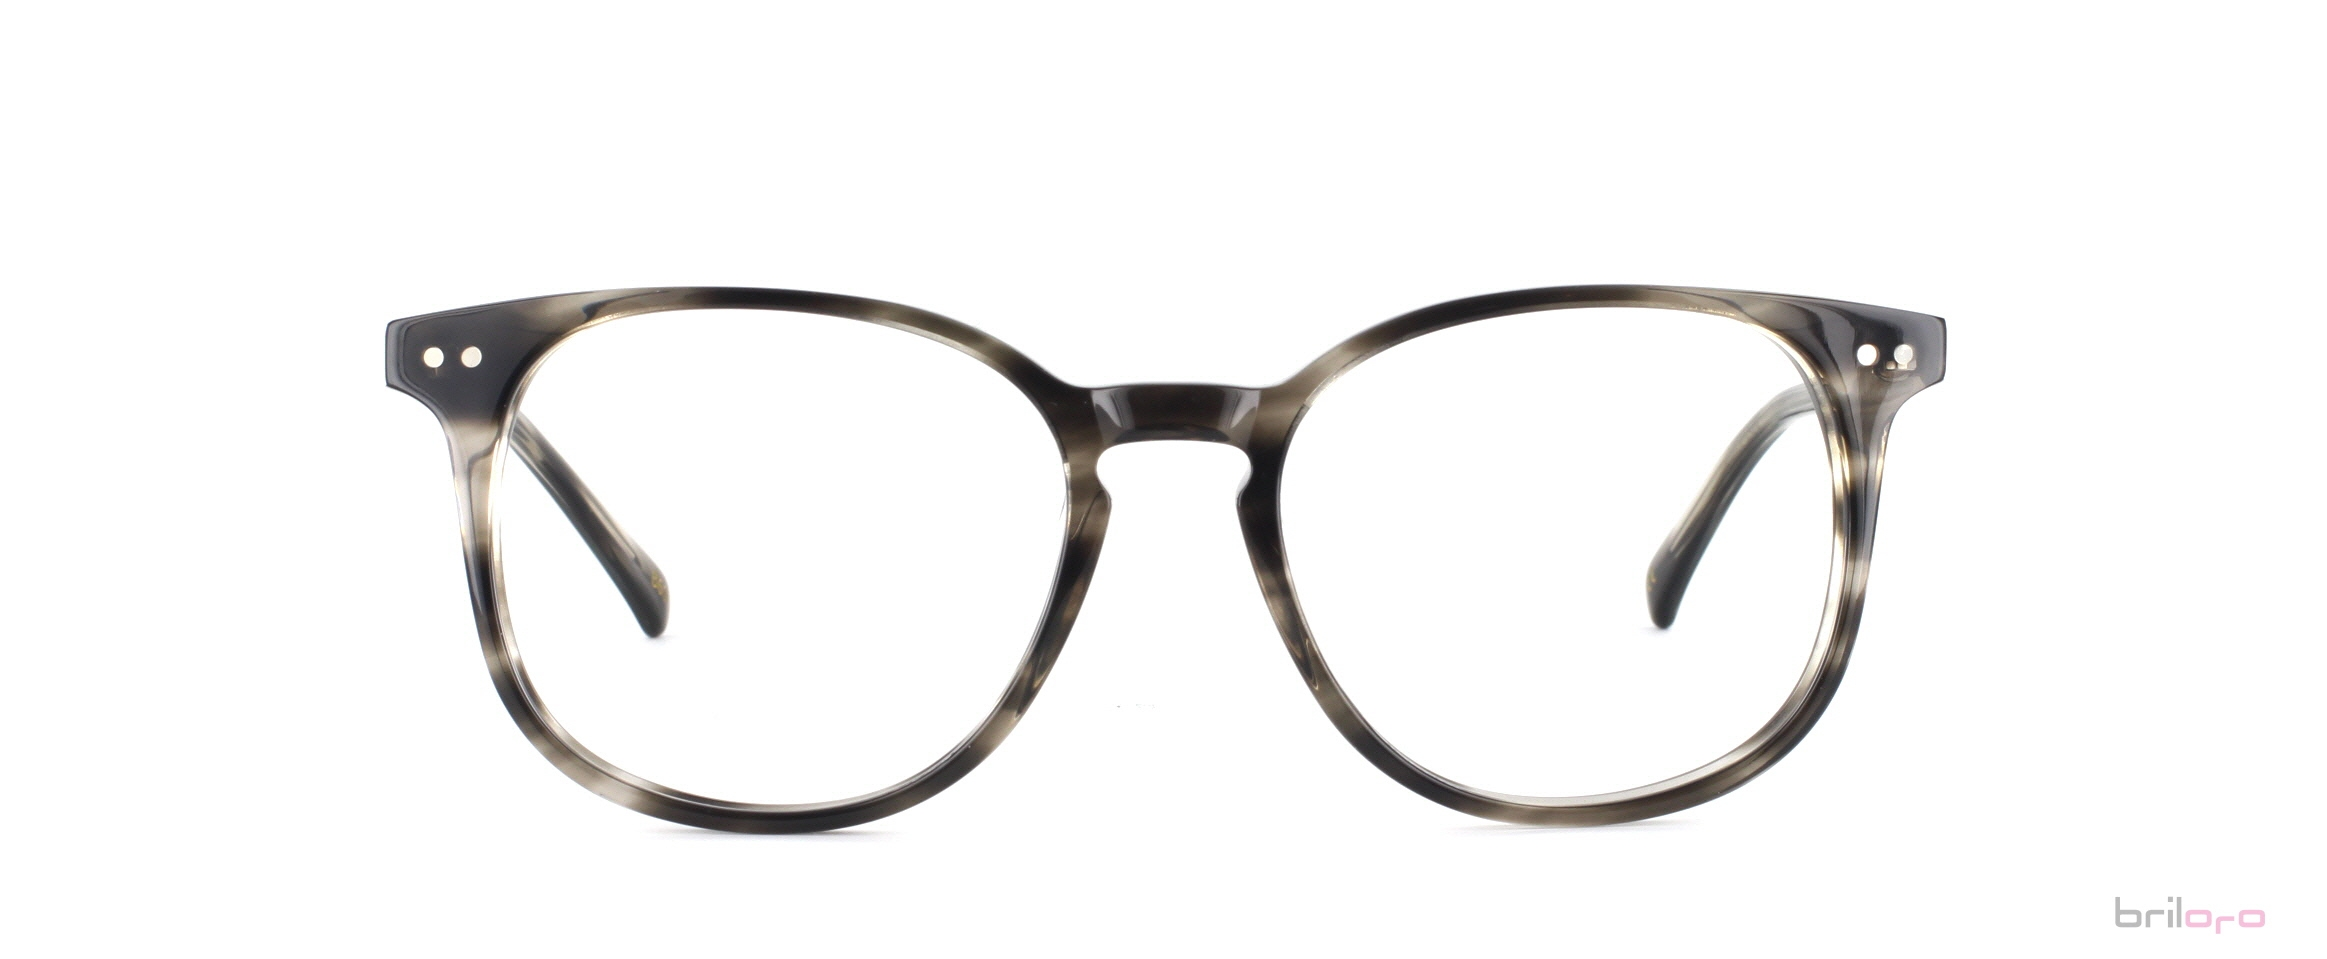 Allesandro Striped Gainsboro Brille für Herbsttypen